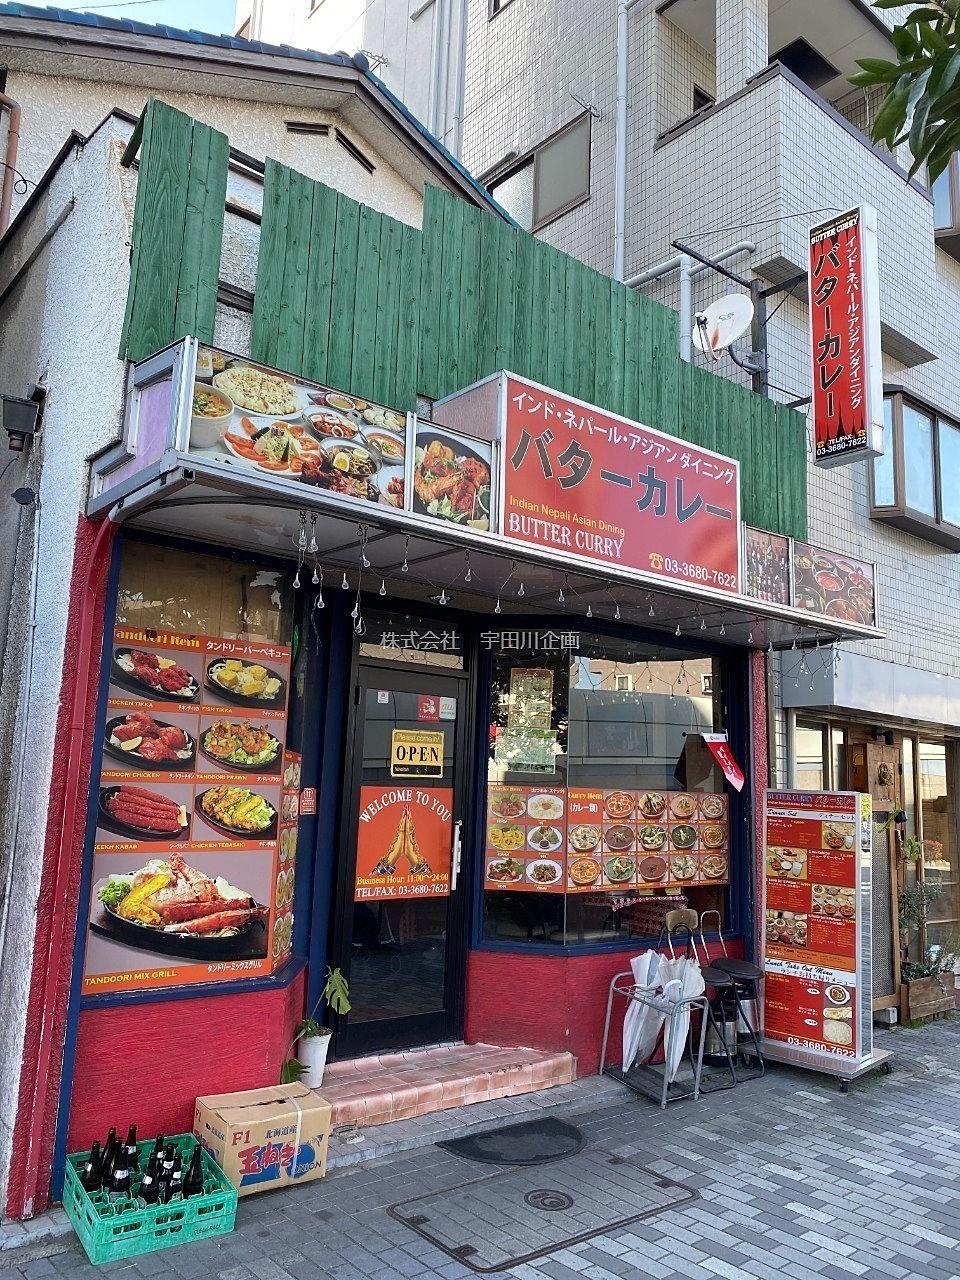 インドやネパールなどの料理が豊富なアジアンダイニング